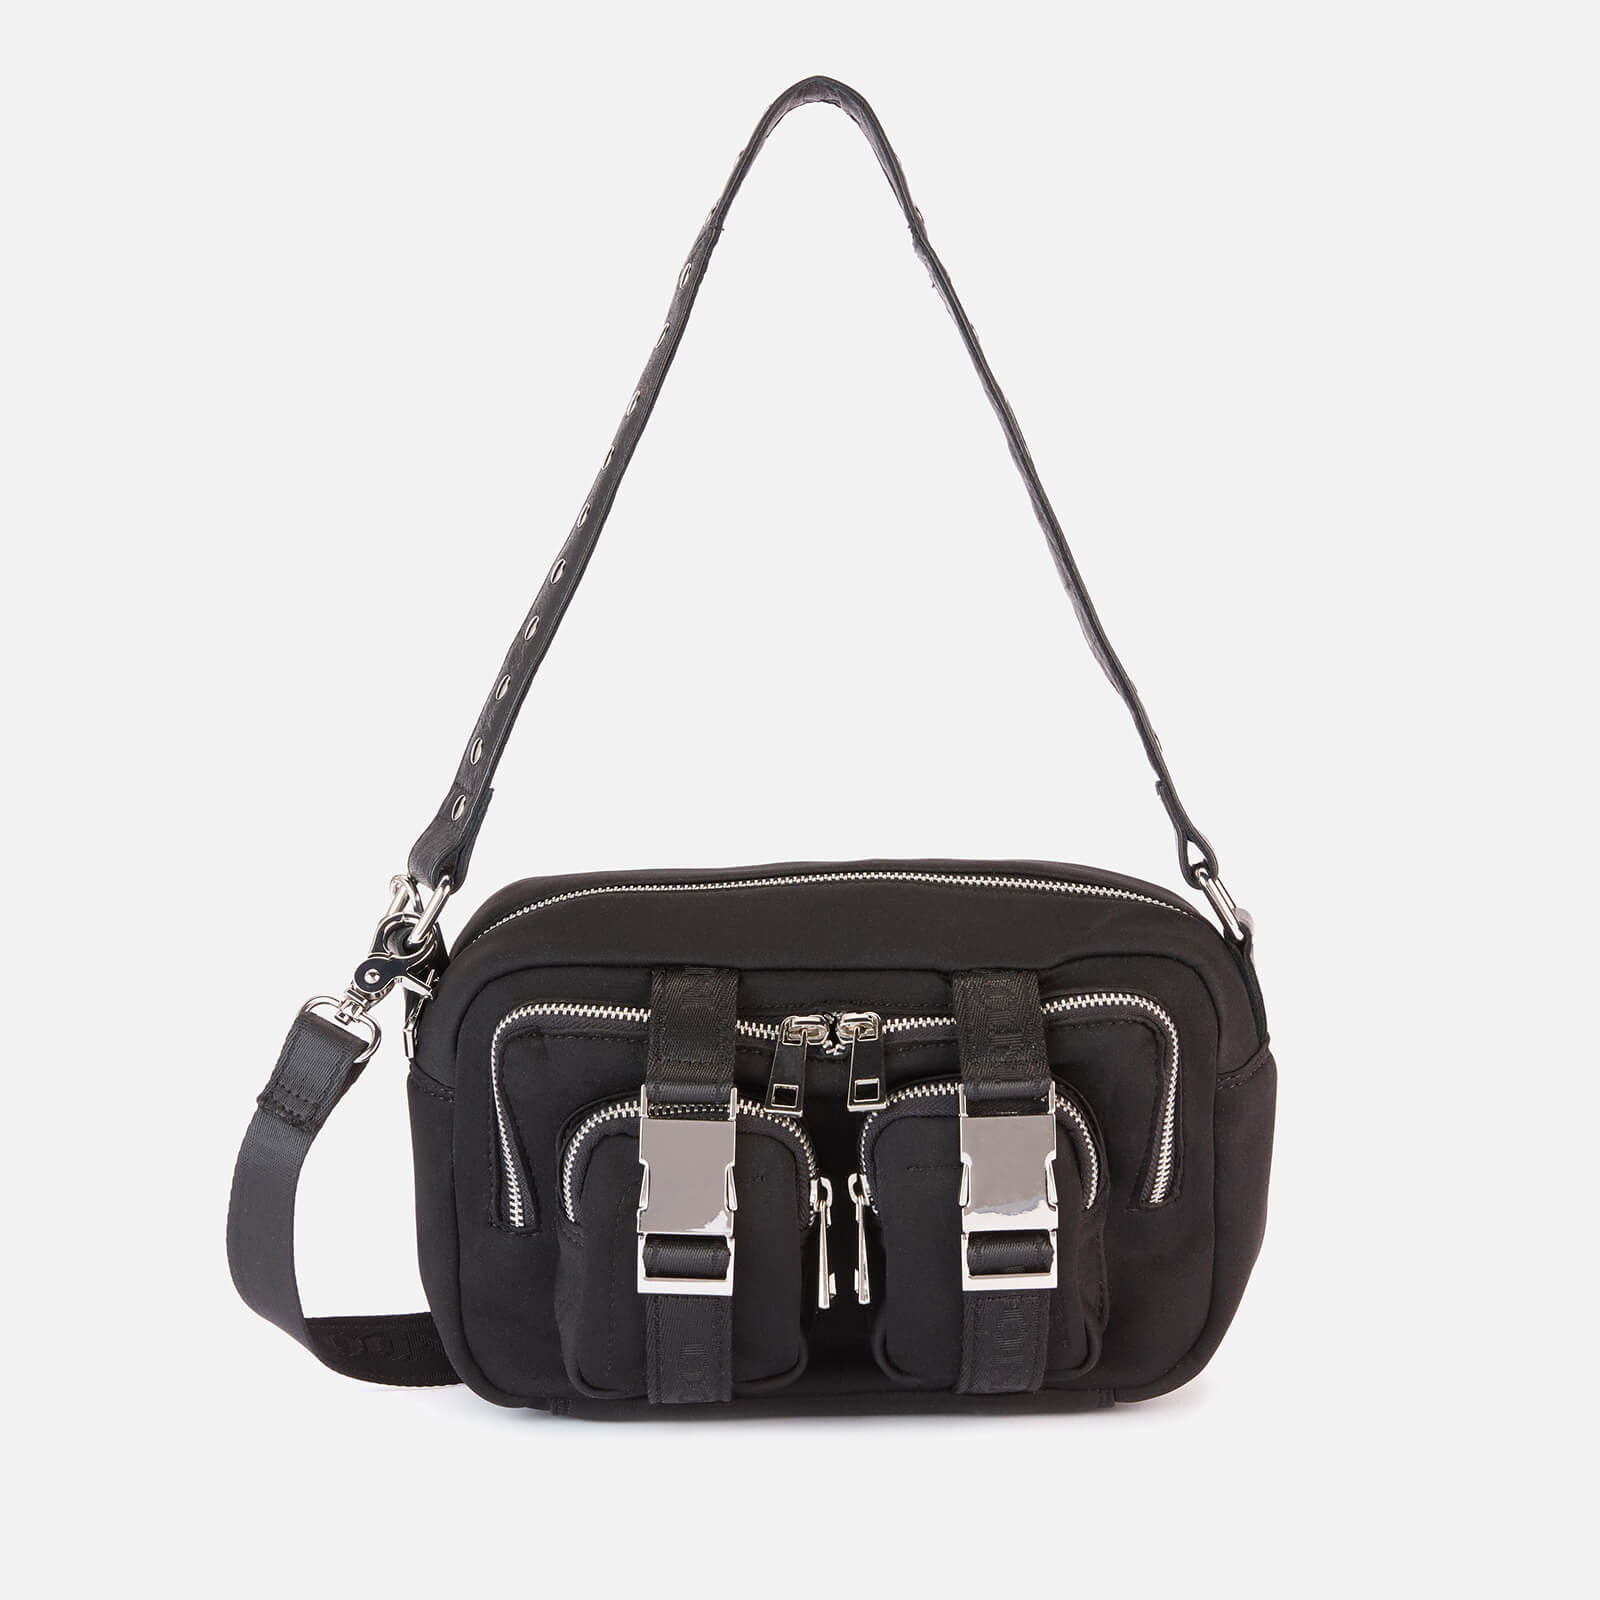 Núnoo Women's Ellie Scuba Cross Body Bag - Black